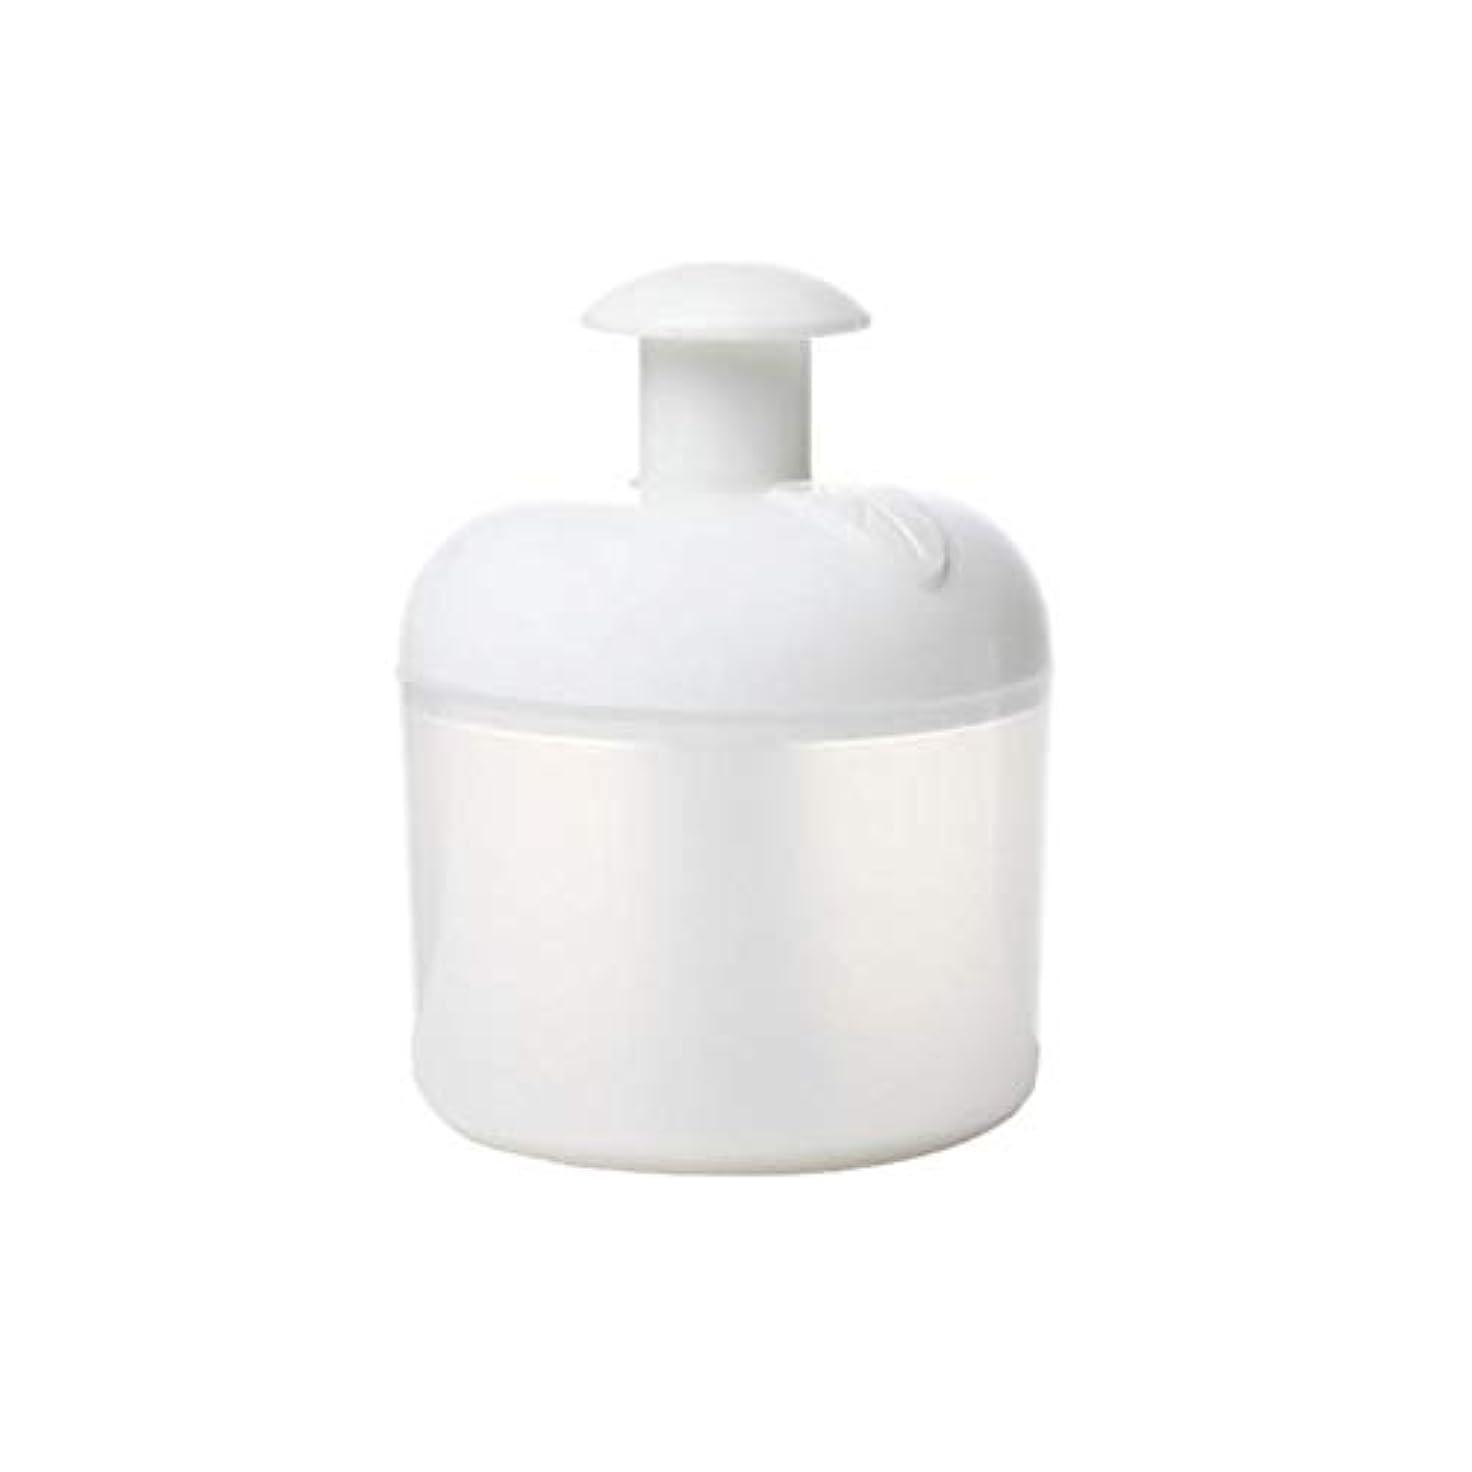 悔い改め本質的ではないフォーカスマイクロバブルフォーマー - Dewin 洗顔泡立て器 洗顔ネット マイクロホイッパー クリーンツール 7倍の濃厚なバブル 美容グッズ